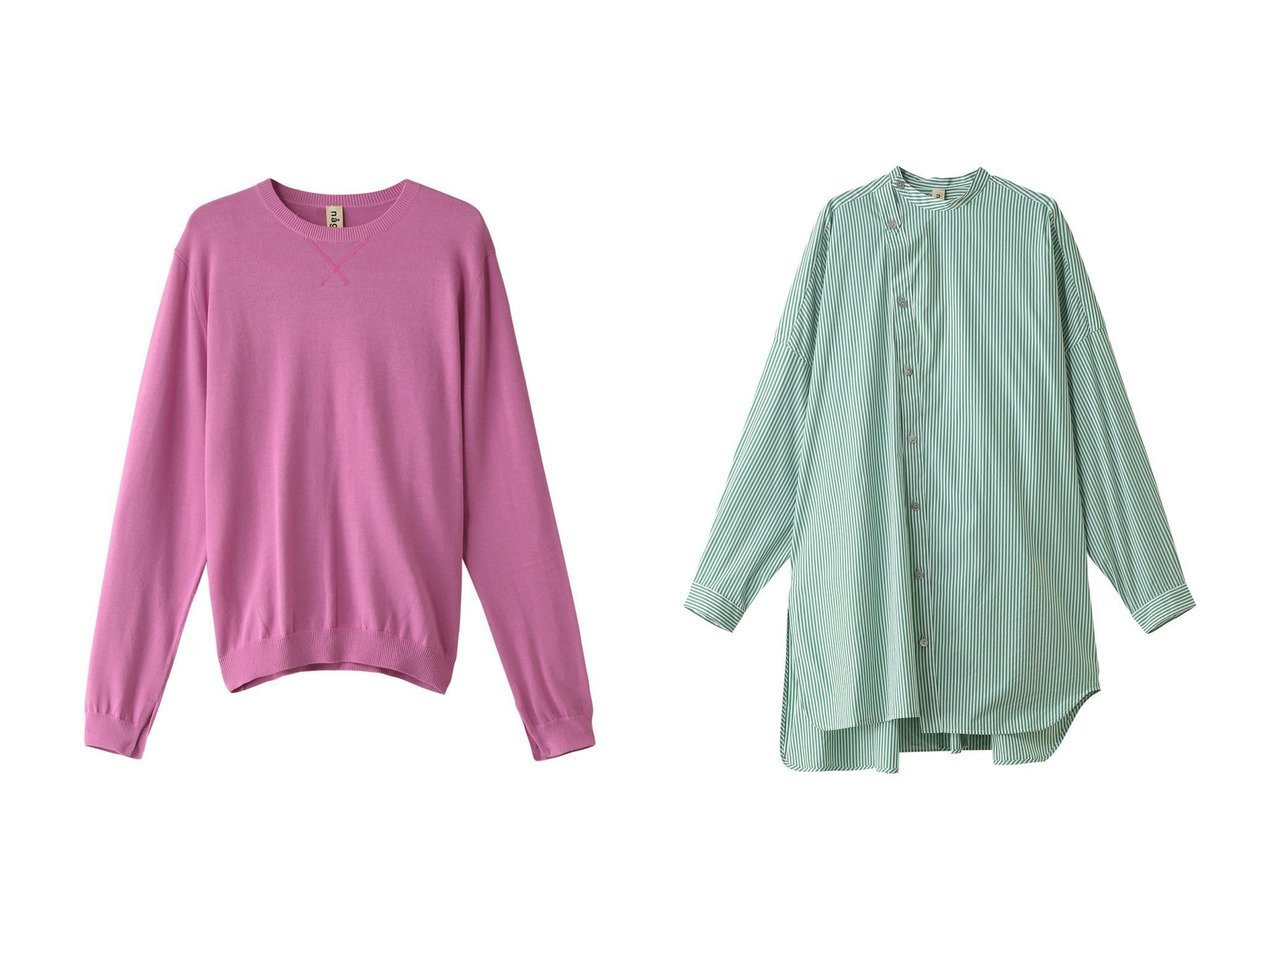 【nagonstans/ナゴンスタンス】のAirly Cotton クルーネックプルオーバー&SOMELOSストライプ スタンドネックシャツ トップス・カットソーのおすすめ!人気、トレンド・レディースファッションの通販 おすすめで人気の流行・トレンド、ファッションの通販商品 メンズファッション・キッズファッション・インテリア・家具・レディースファッション・服の通販 founy(ファニー) https://founy.com/ ファッション Fashion レディースファッション WOMEN トップス Tops Tshirt ニット Knit Tops プルオーバー Pullover シャツ/ブラウス Shirts Blouses 2021年 2021 2021 春夏 S/S SS Spring/Summer 2021 S/S 春夏 SS Spring/Summer シンプル スリット 再入荷 Restock/Back in Stock/Re Arrival 春 Spring |ID:crp329100000013754